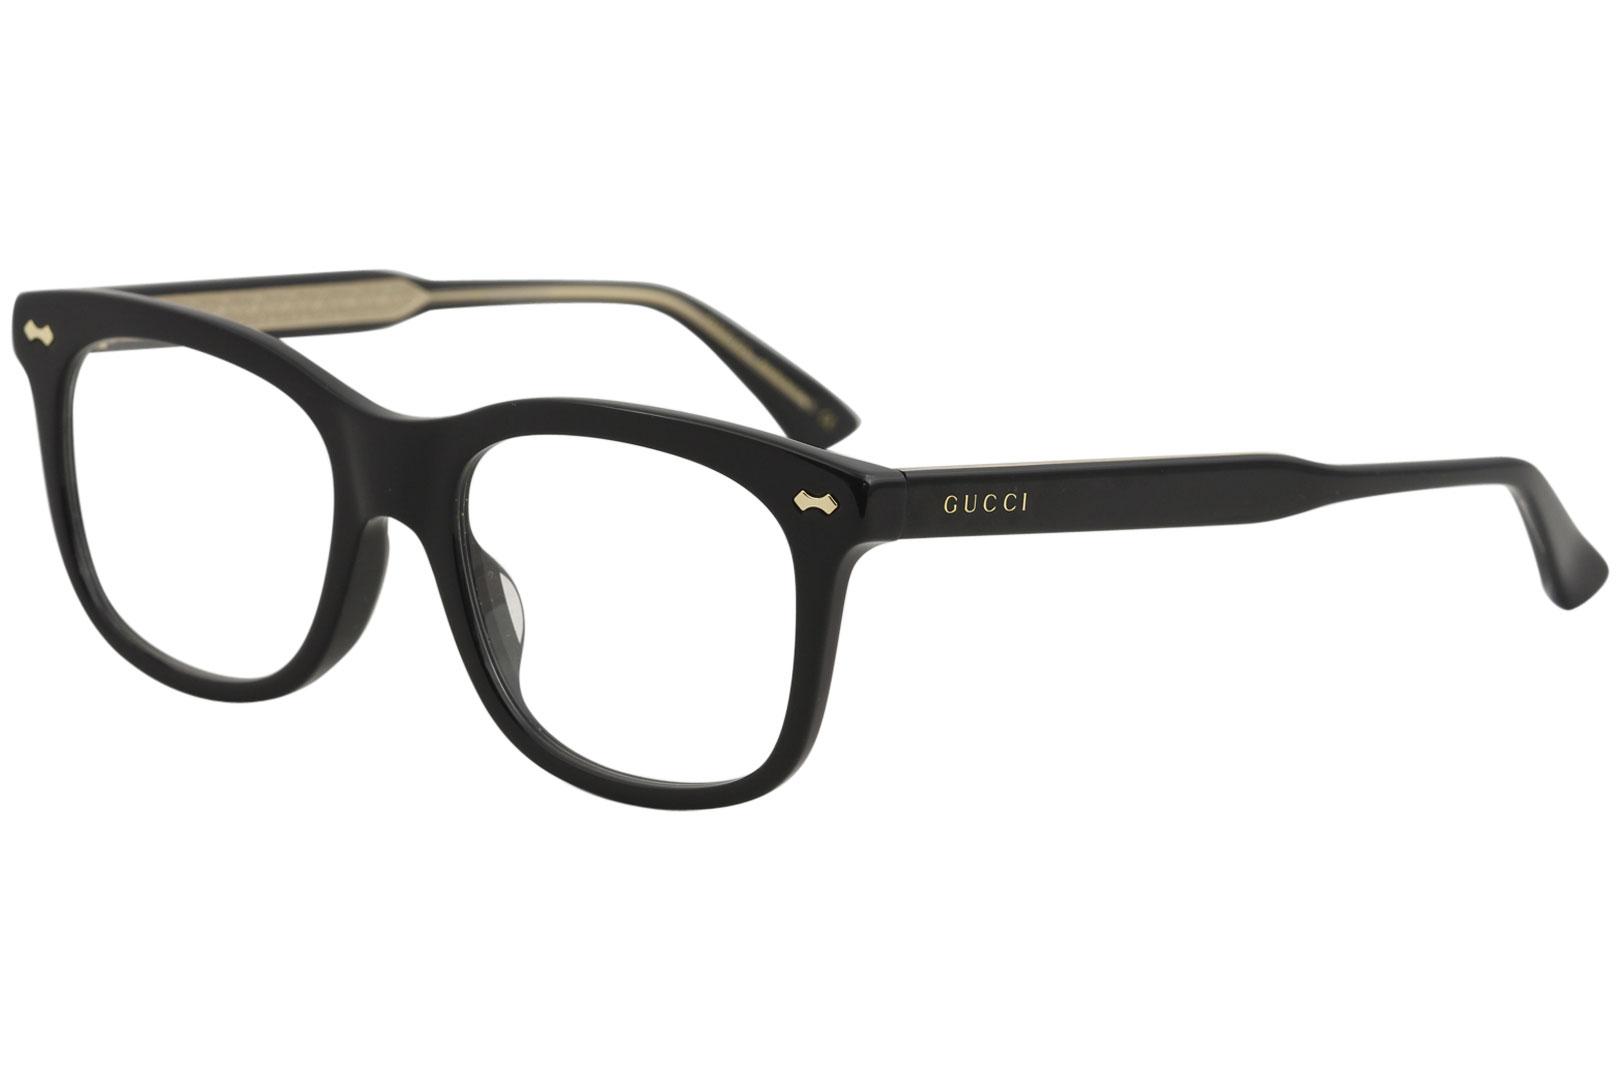 Gucci Eyeglasses GG0186OA GG/0186/OA 001 Black Optical Frame 52mm ...